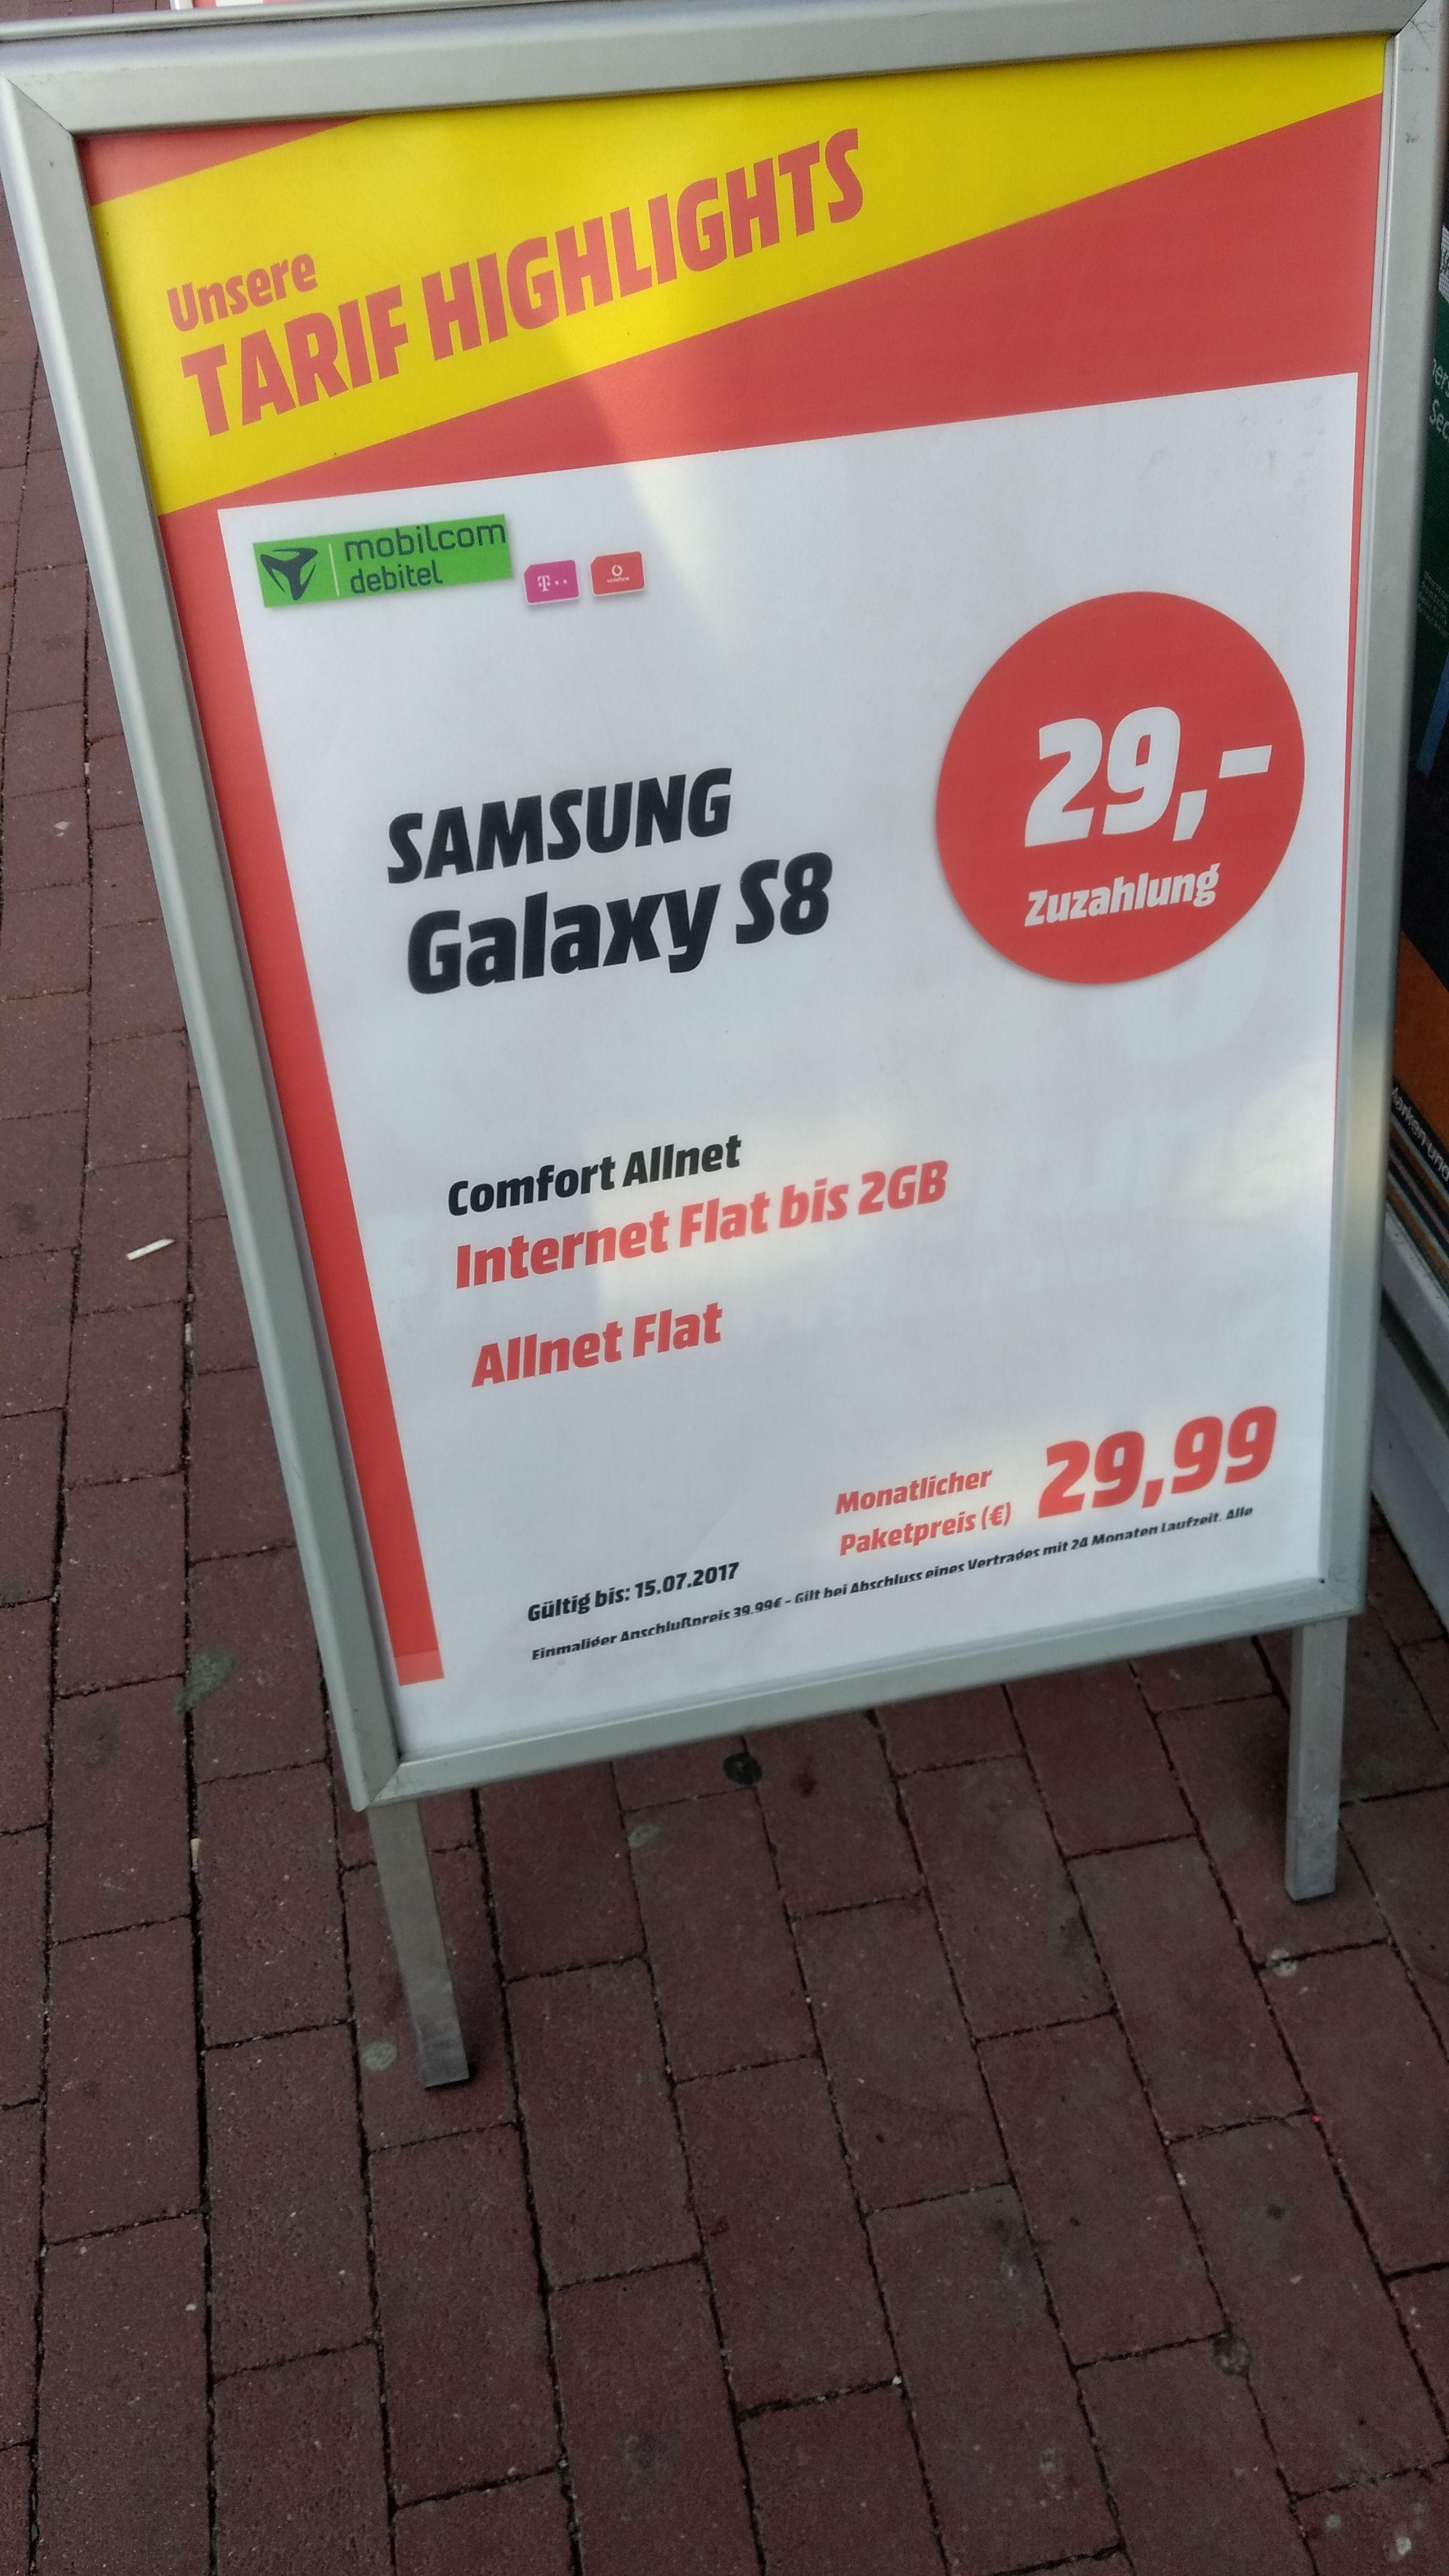 (Berlin) Galaxy S8 mit Allnet und 2 GB für monatlich 29,99, einmalig 29 Euro Zuzahlung + 39,99 Euro Anschlusspreis